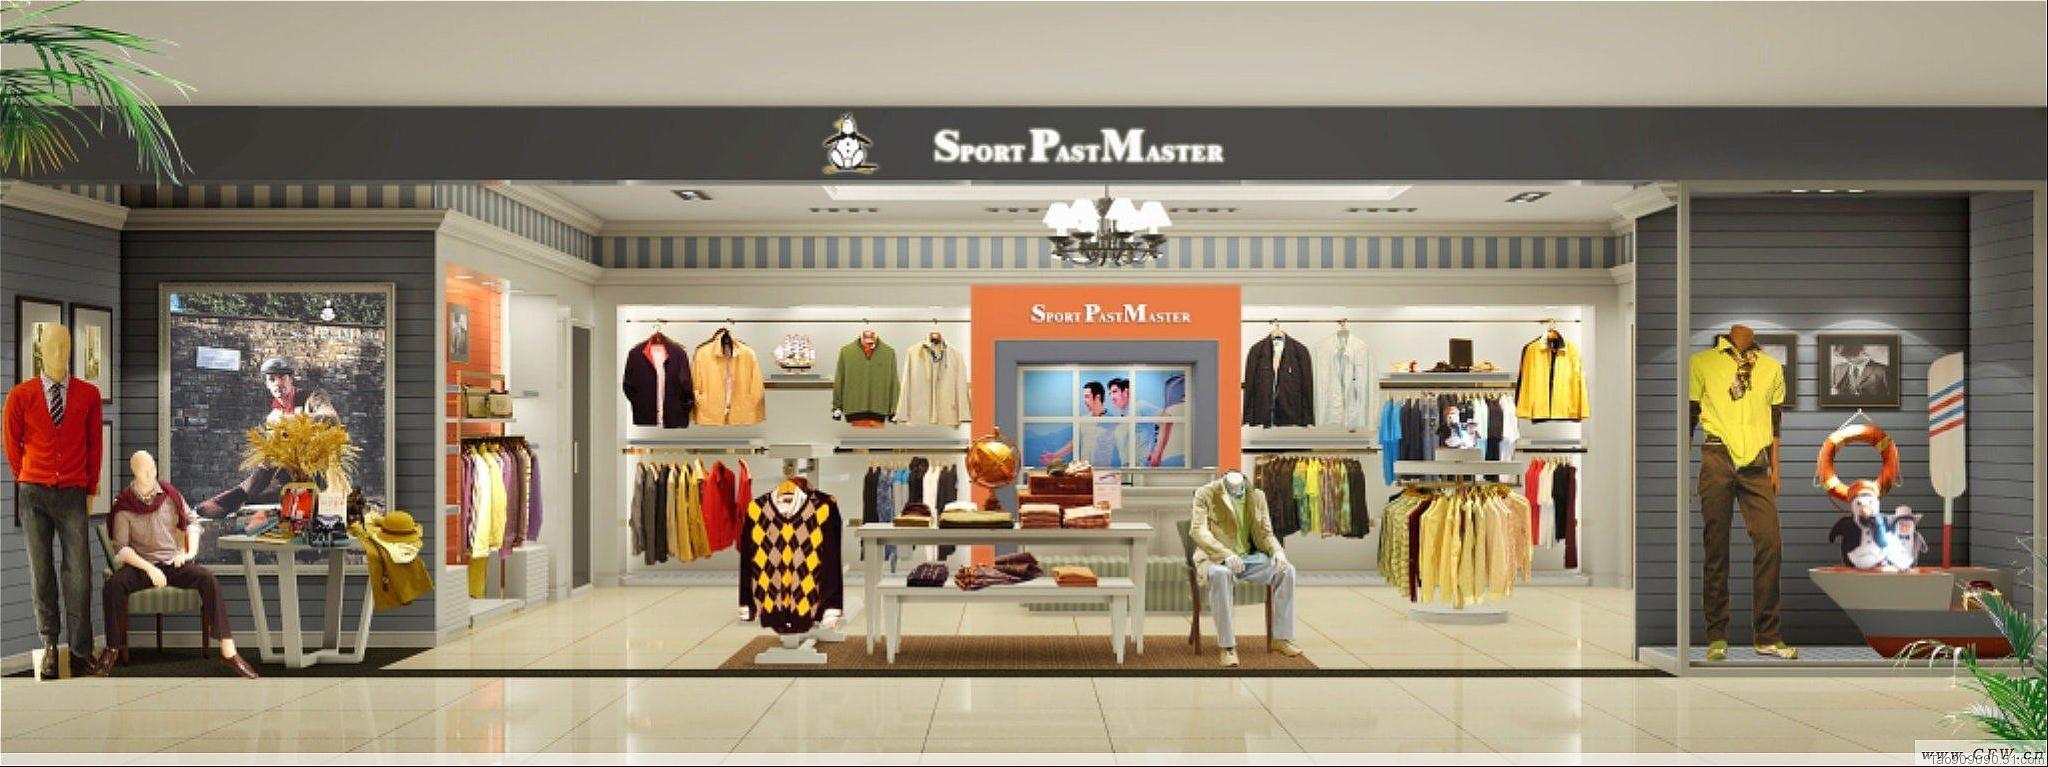 金企鹅虚拟展厅-橱窗陈列设计-服装设计